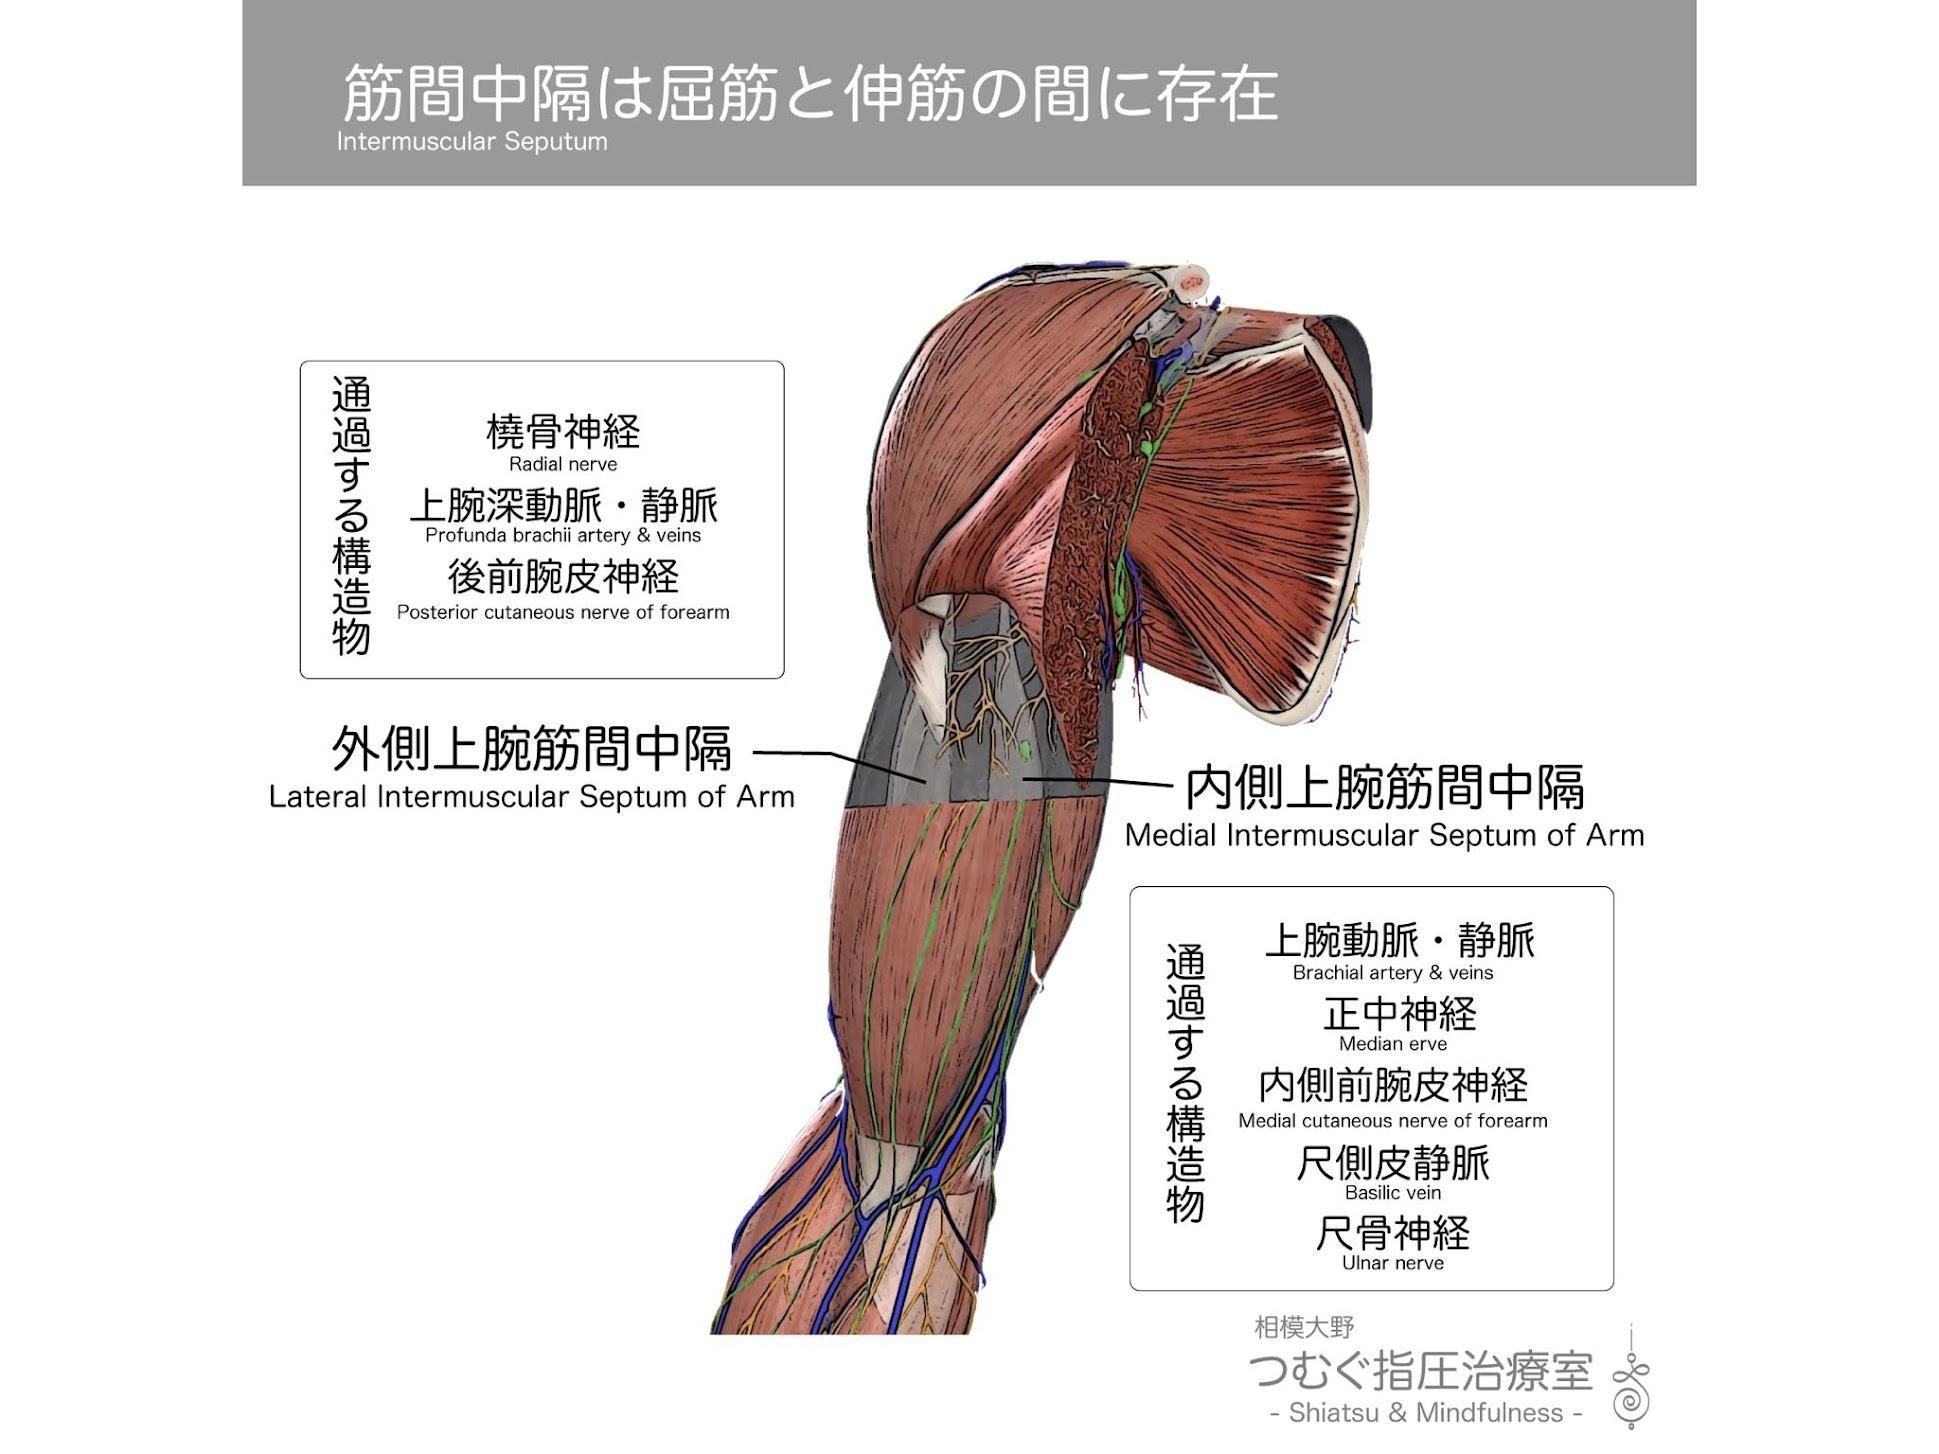 筋間中隔は上腕屈筋群(上腕二頭筋・上腕筋)と上腕伸筋群(上腕三頭筋)の間に存在します。上肢や下肢では屈筋や伸筋といった協同で働く筋群が筋膜のコンパートメント(区画)により仕切られています。筋膜(Fascia)は密性結合組織でできた上部な膜です。筋の張力は腱により直接骨に作用する他、筋膜により骨以外の軟部組織も物理的エネルギーを伝えることができます。